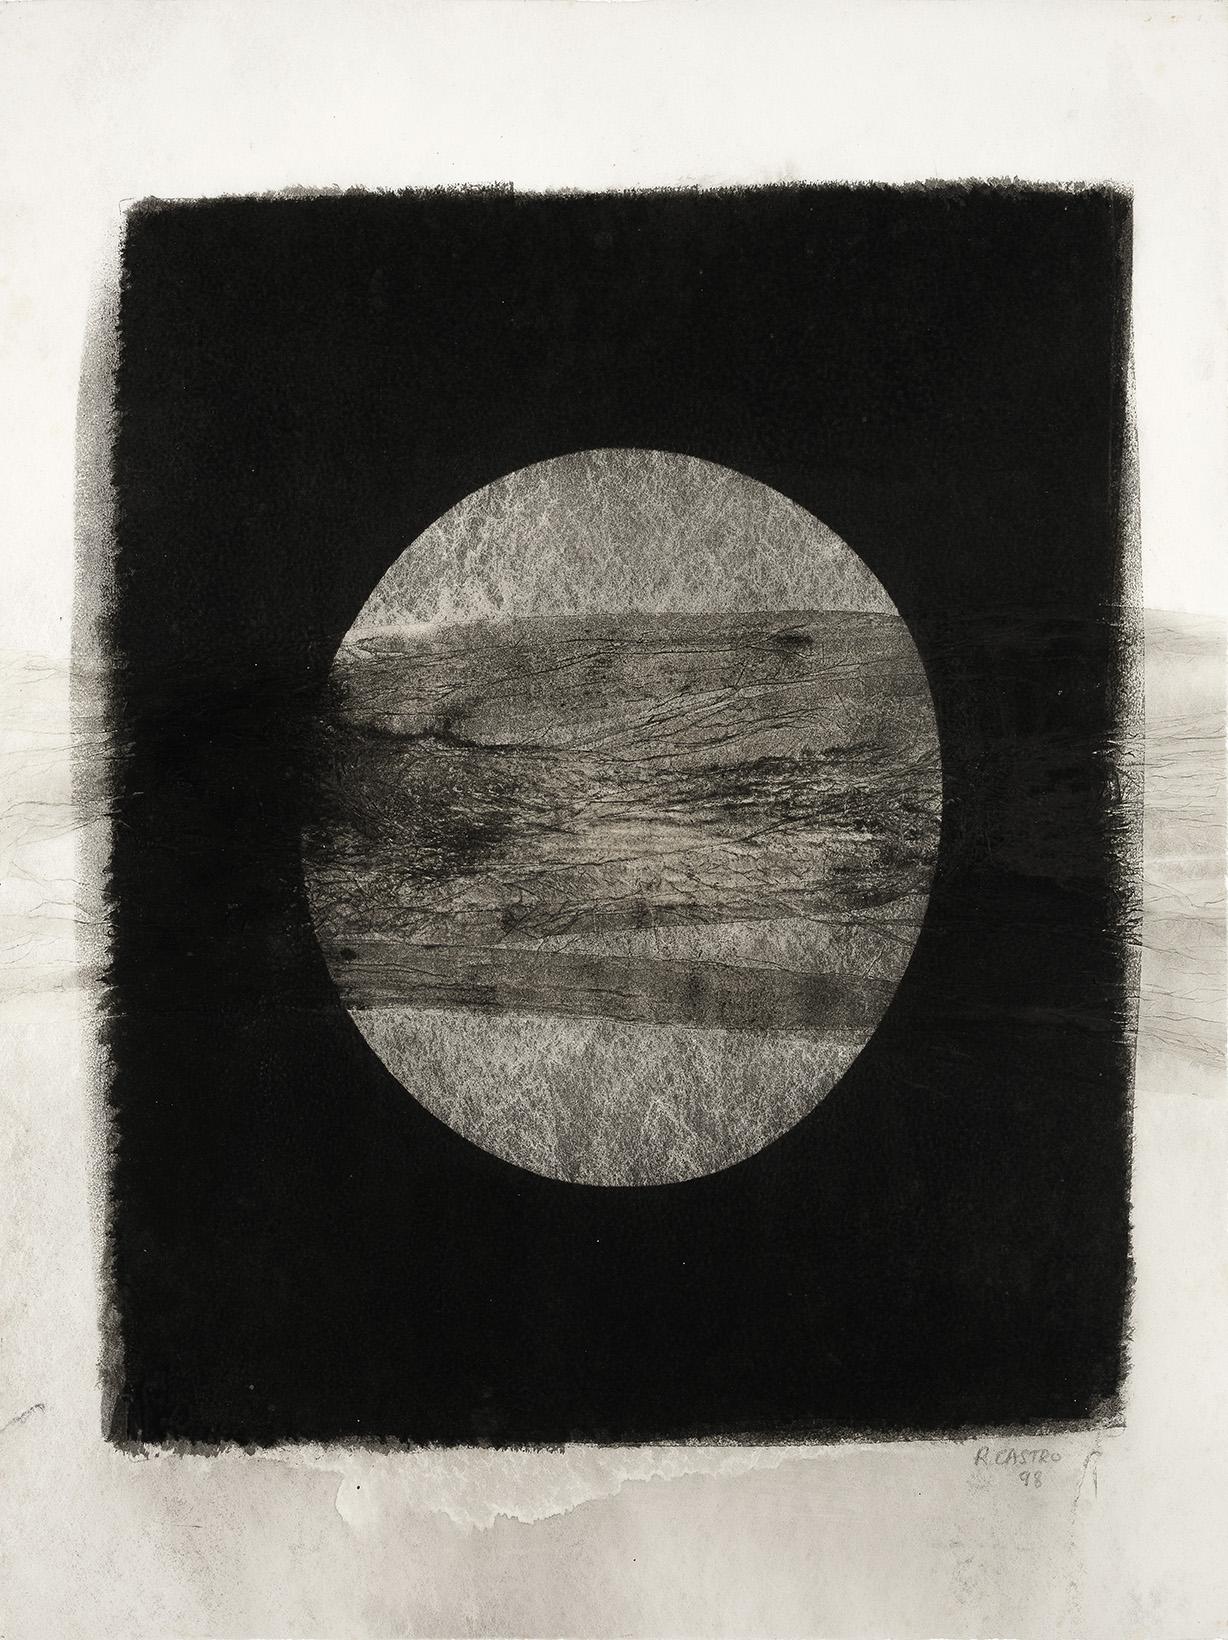 """<p><span style=""""font-size: 10pt;"""">Roland Castro, sans titre, gomme bichromatée sur papier japon collé sur intissé, 1998, 65 x 47,5 cm ©Caroline Dethier</span></p>"""